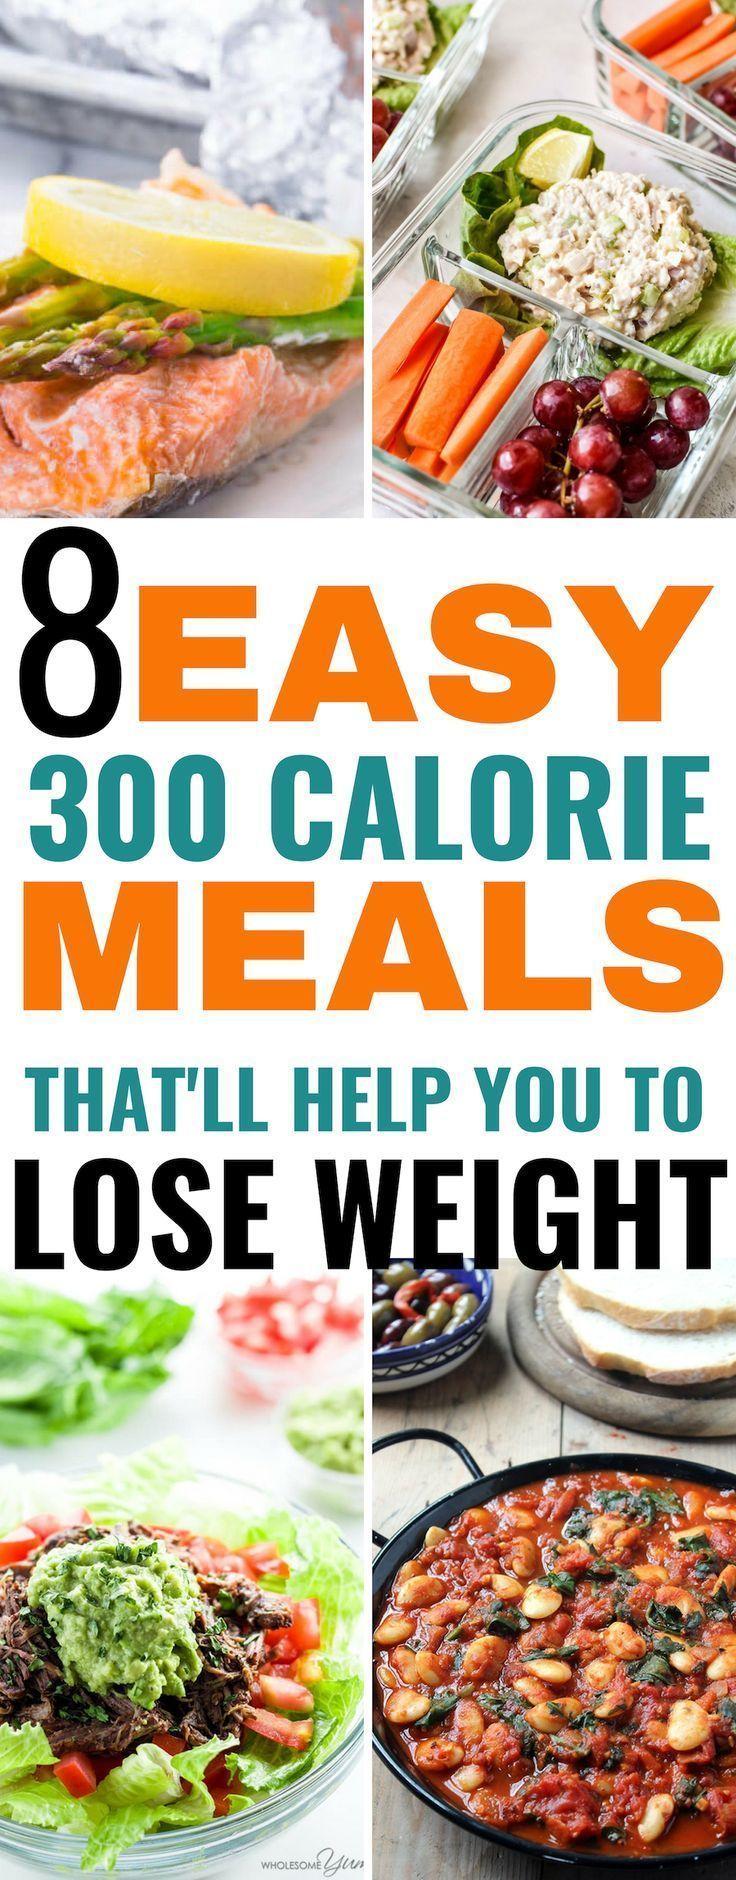 8 300 Kalorien Mahlzeiten, die Ihnen helfen, Gewicht zu verlieren   - meal prep recipes - #die #Gewicht #helfen #Ihnen #Kalorien #Mahlzeiten #meal #Prep #recipes #verlieren #400caloriemeals